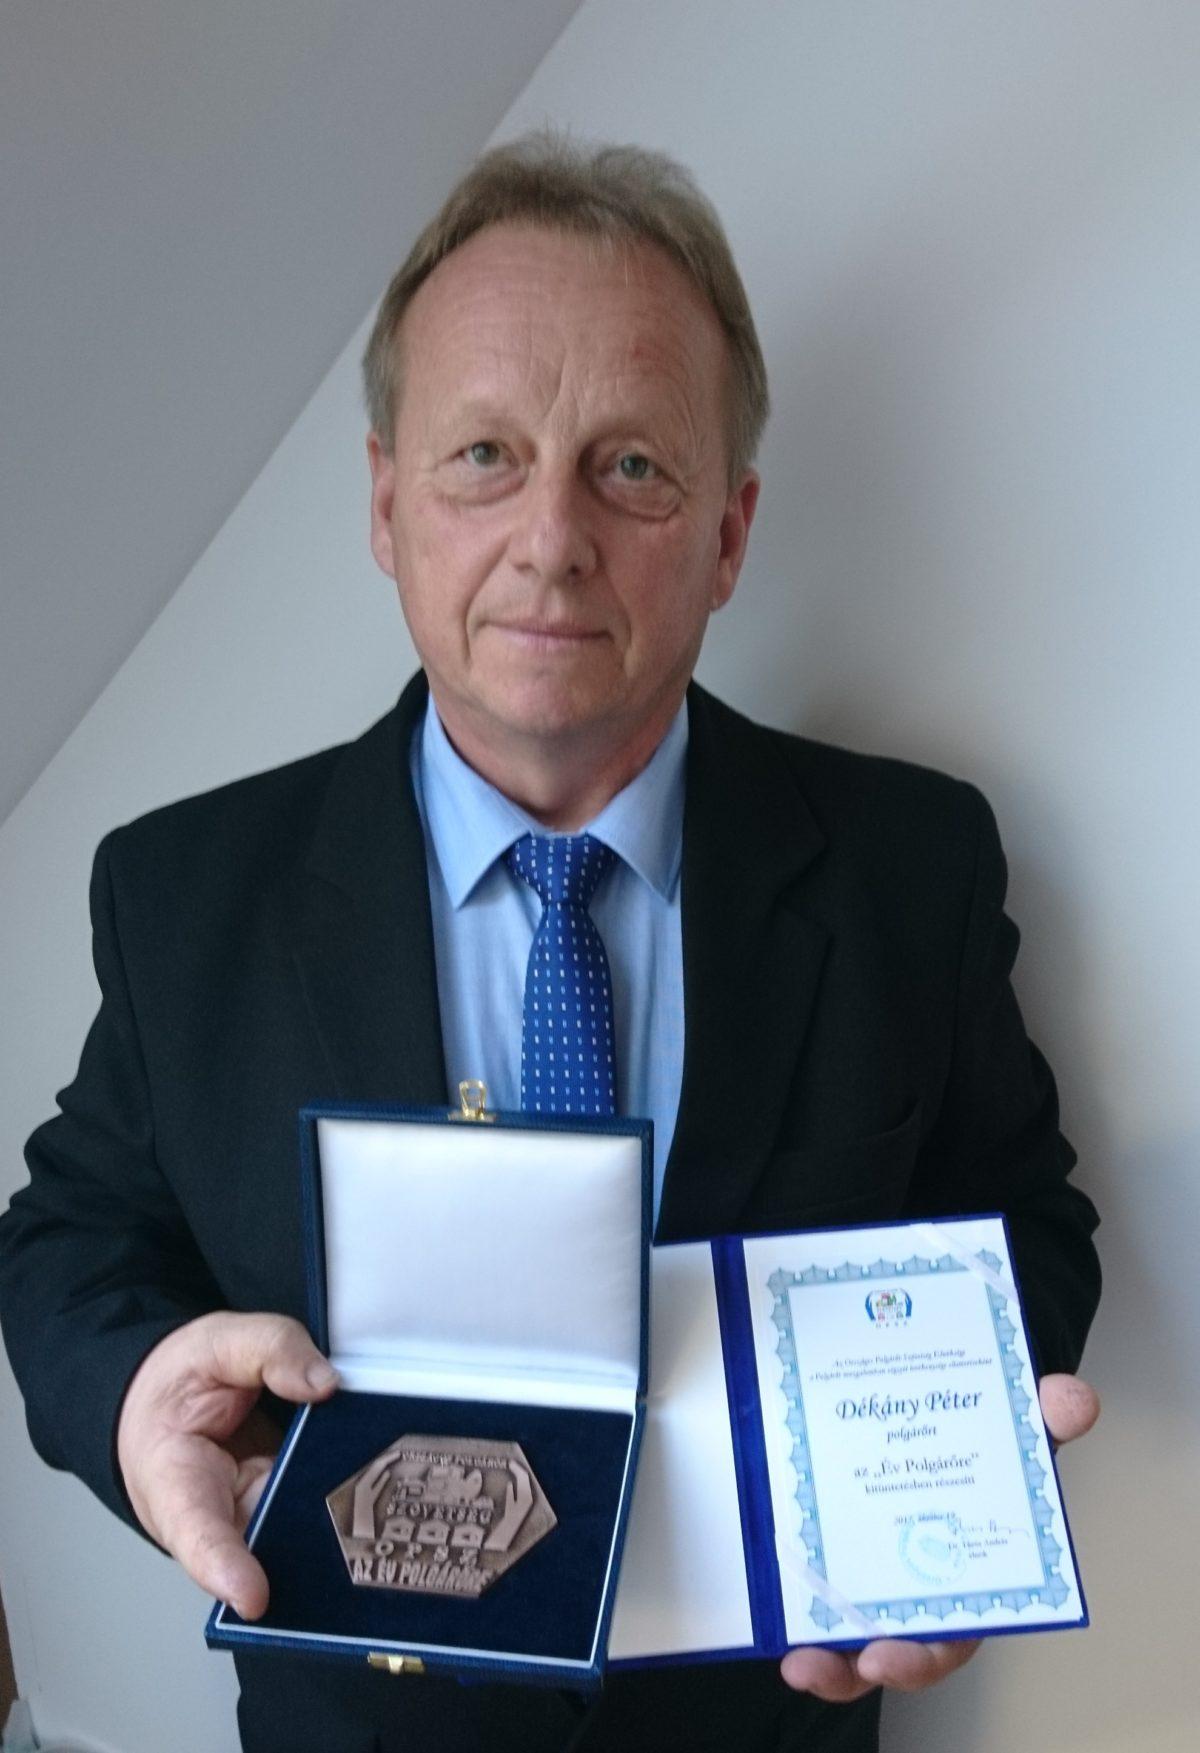 Kitüntetést kapott Dékány Péter, a Balástyai Polgárőr Egyesület elnöke